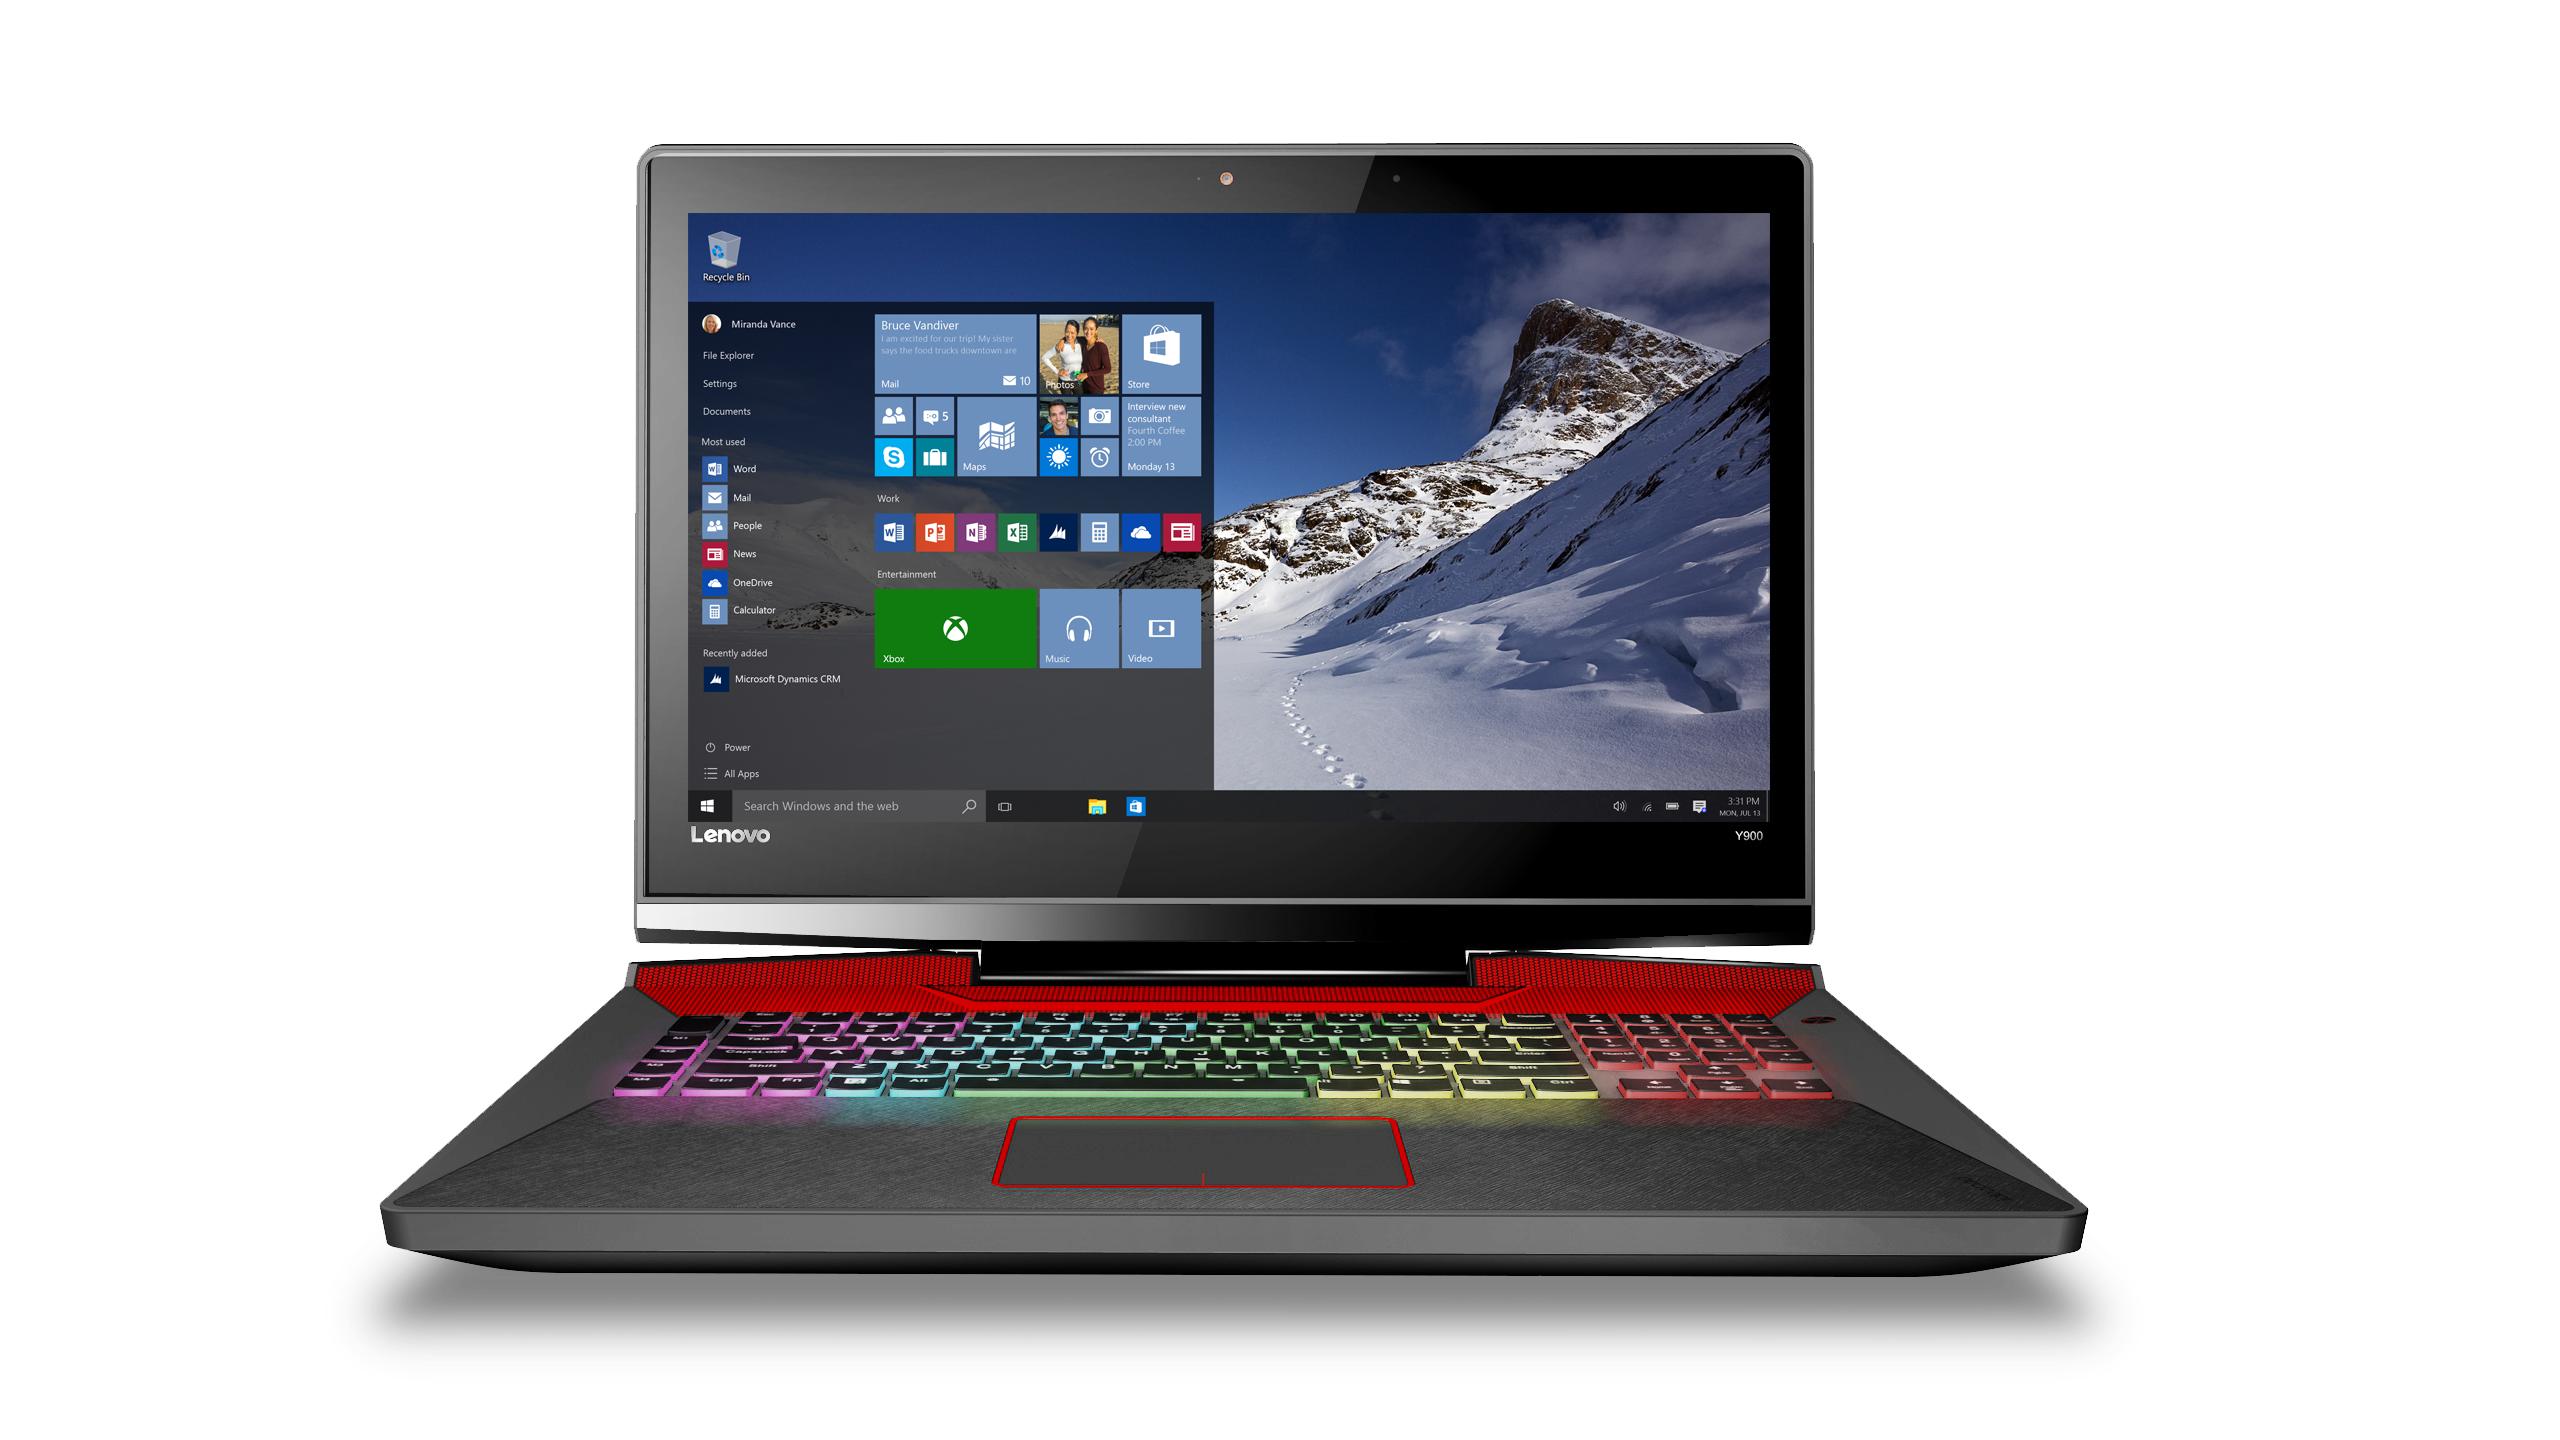 Lenovo-gaming laptop- Y900